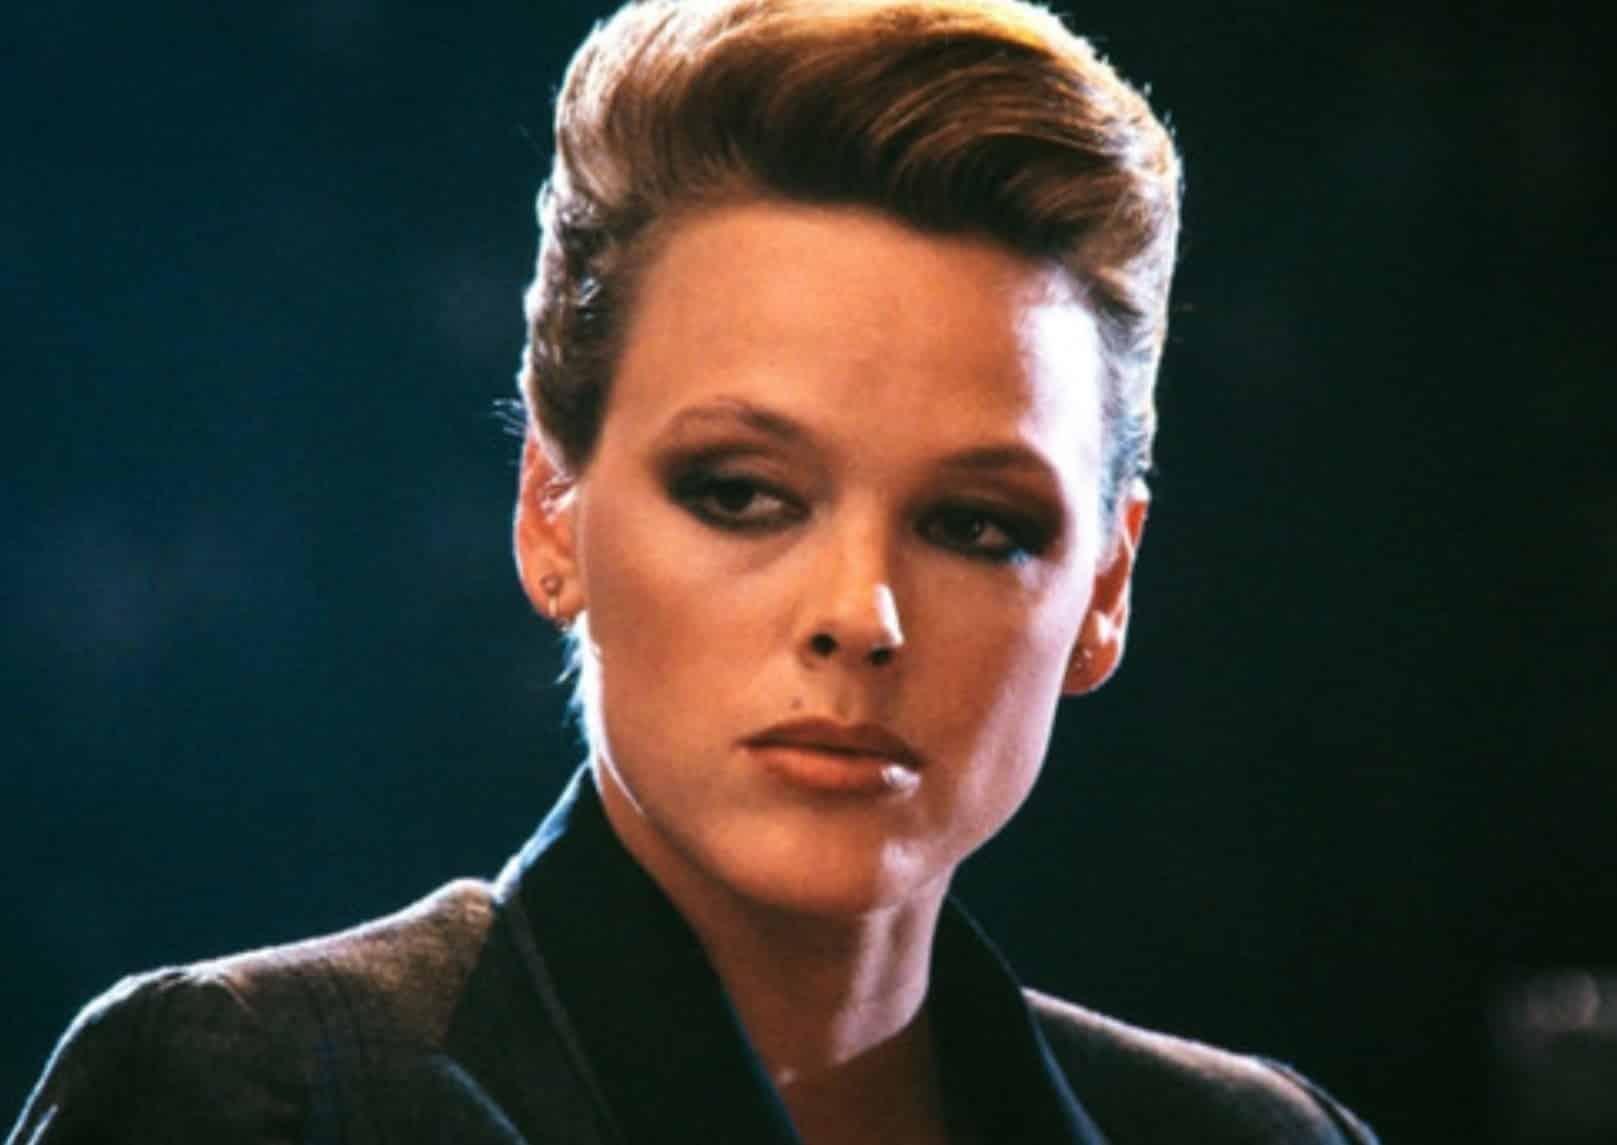 Brigitte Nielsenová - Wikipédia